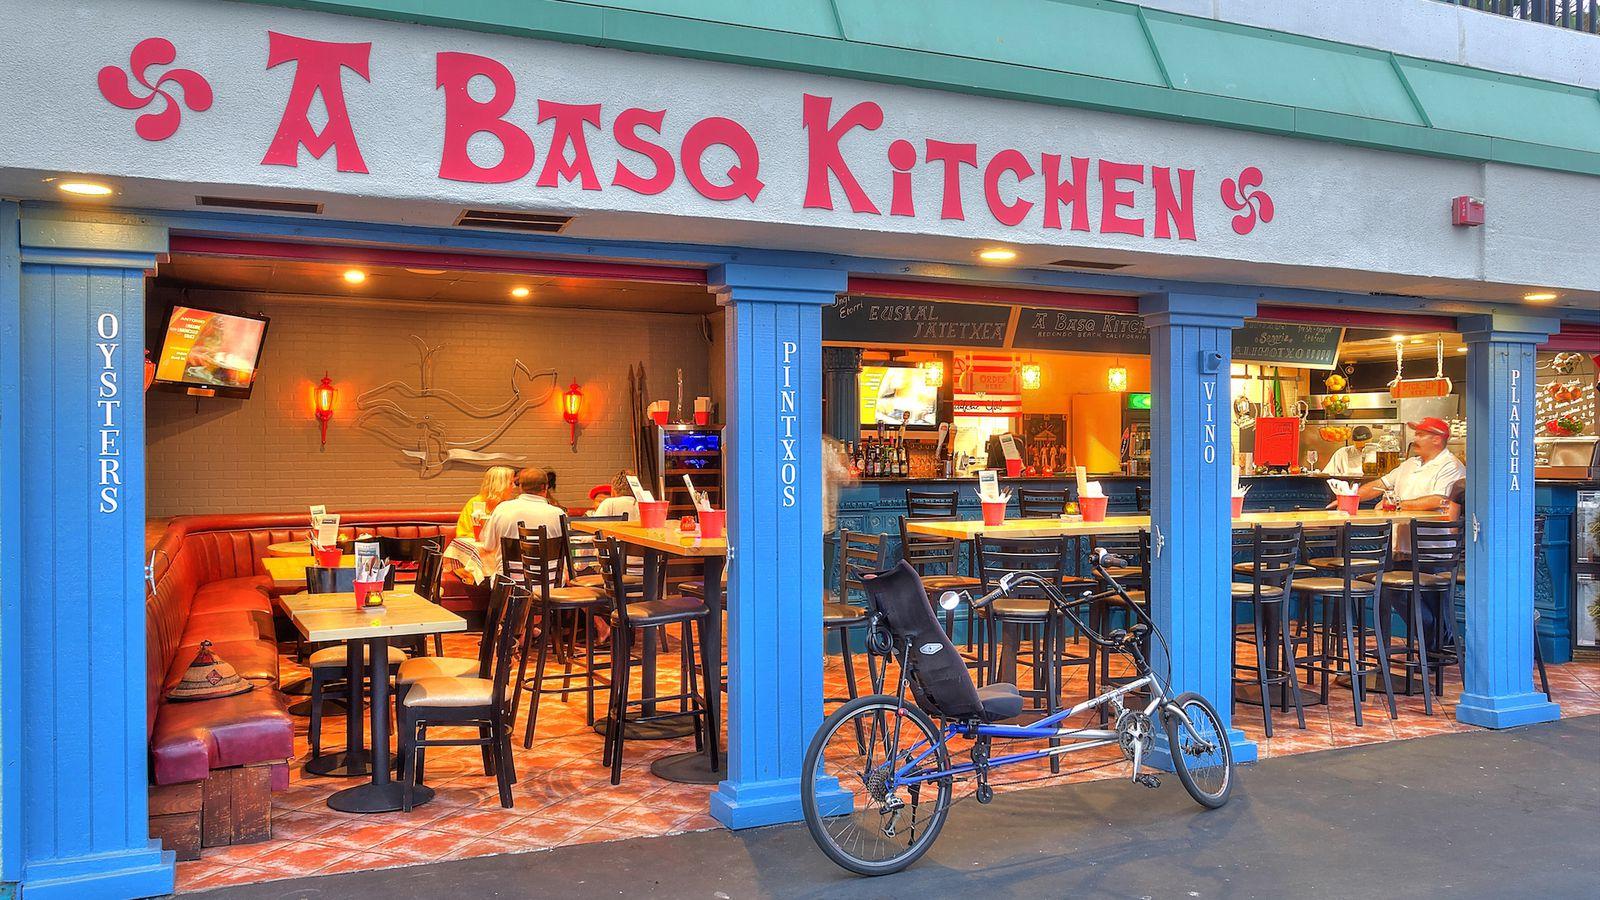 Basq Kitchen Menu